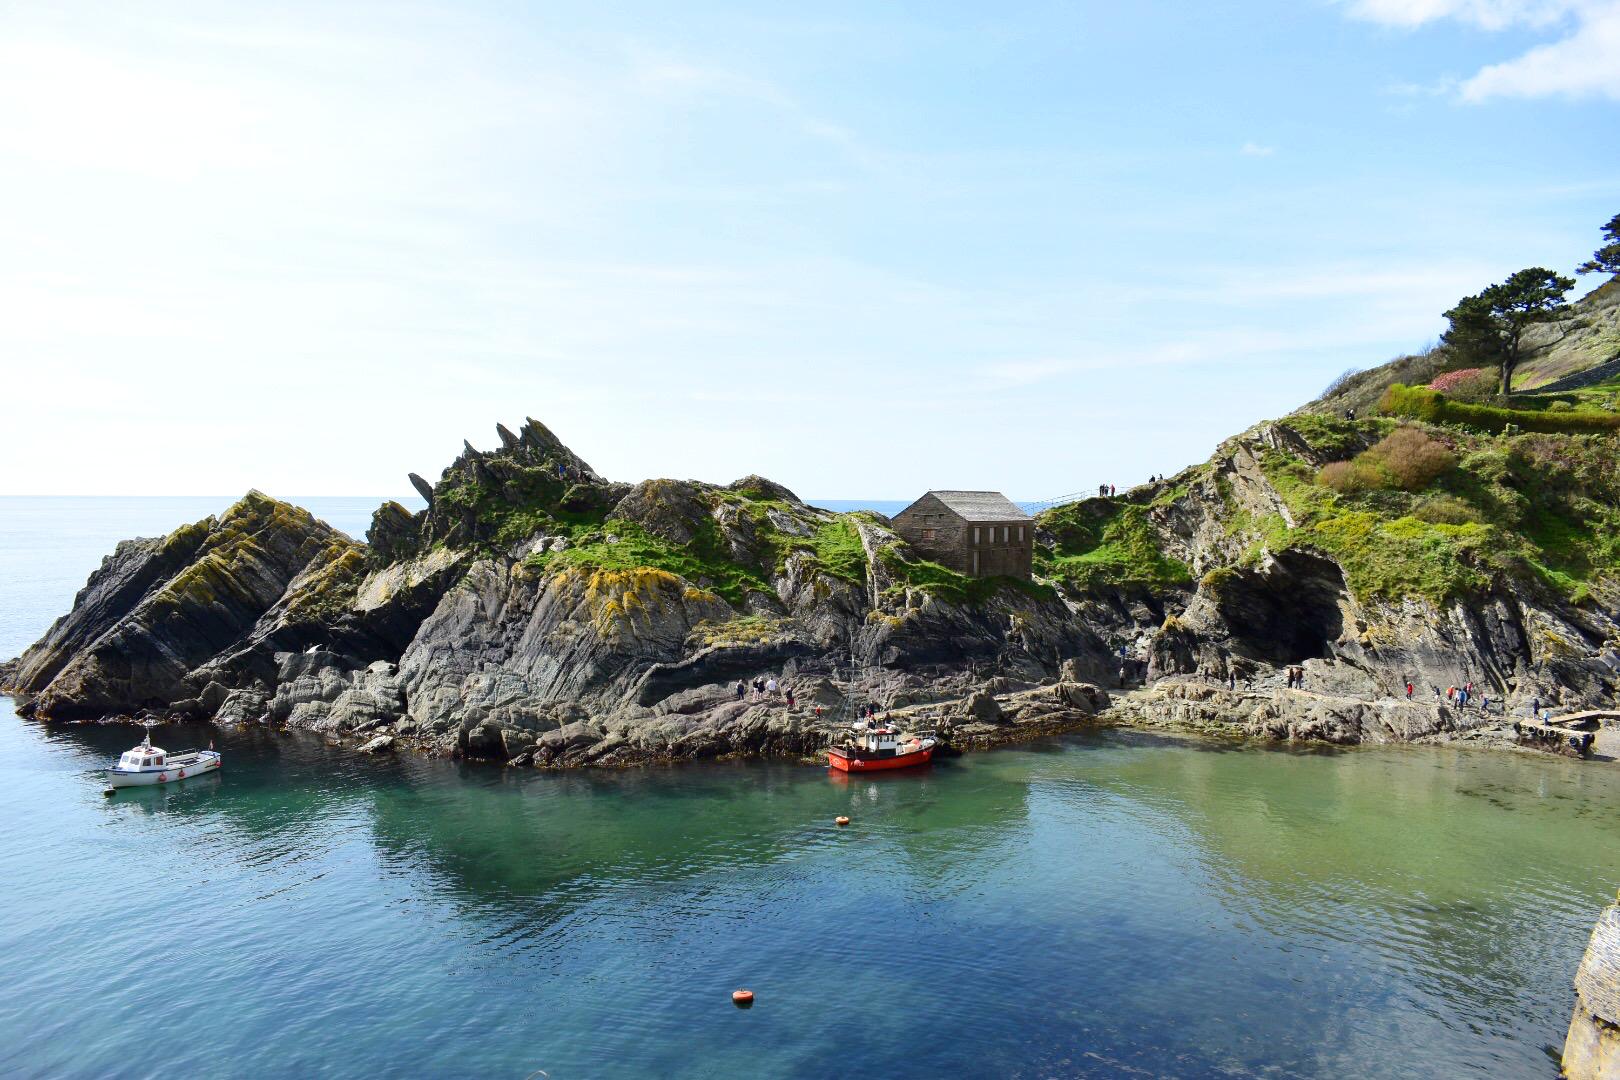 Rocky cliffs at Polperro